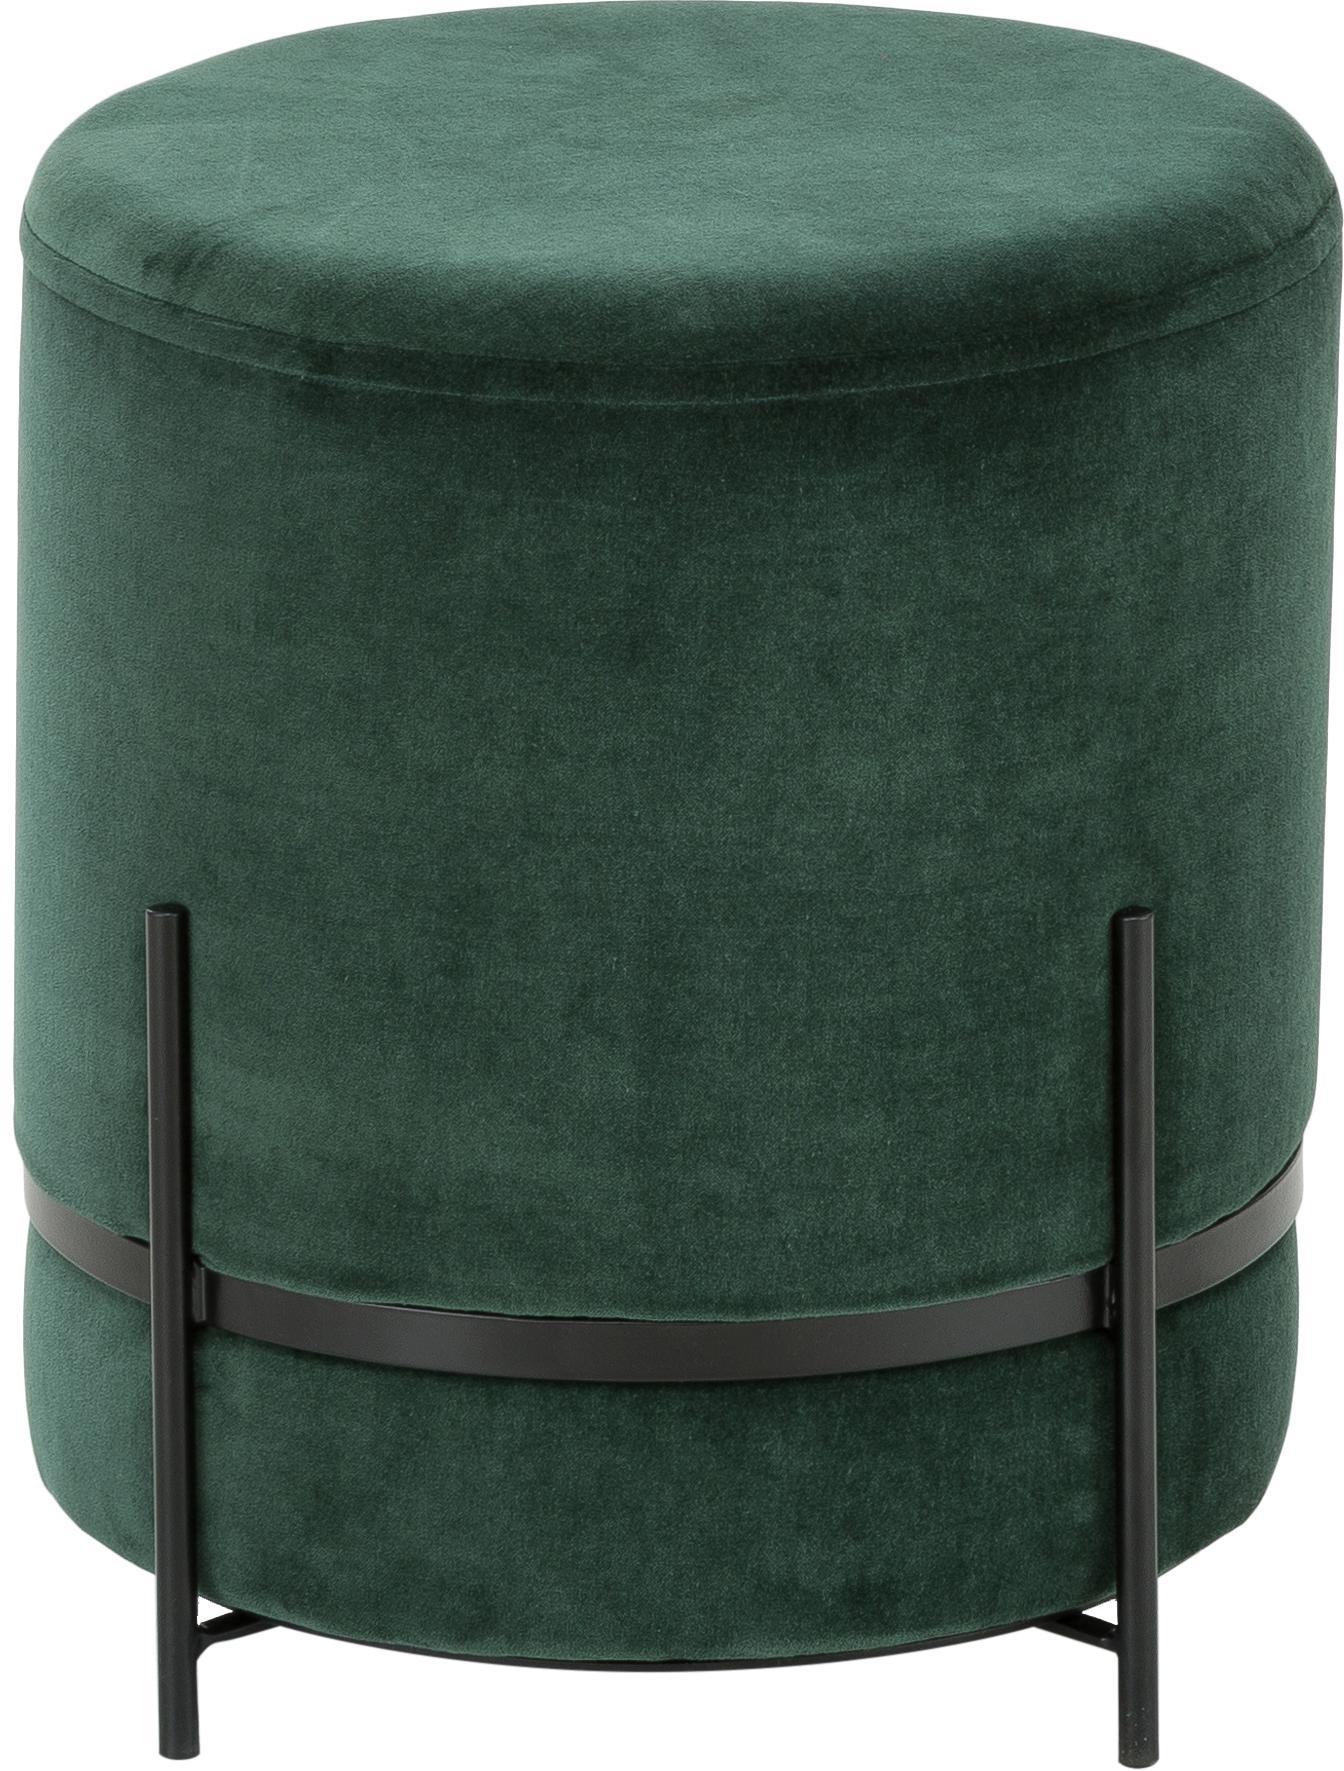 Puf z aksamitu Haven, Tapicerka: aksamit bawełniany, Ciemnyzielony, czarny, ∅ 38 x W 45 cm